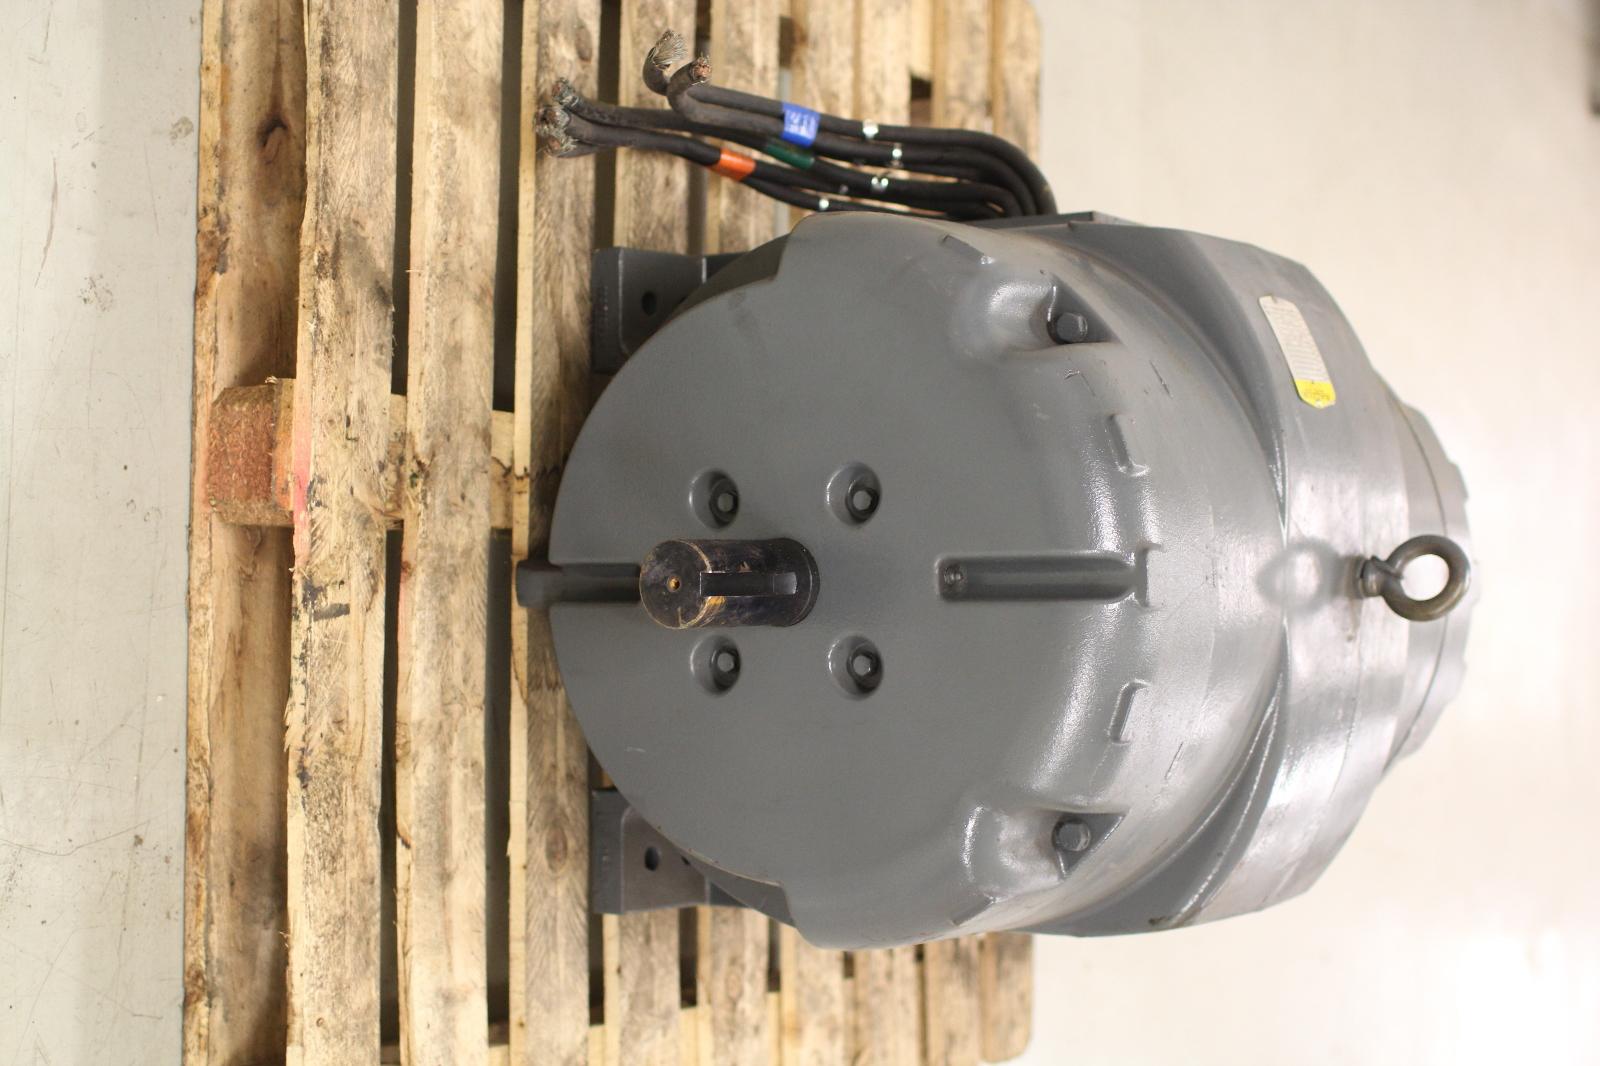 Electric Motor Repair Baldor Bodine Gearmotor Blog Images Of